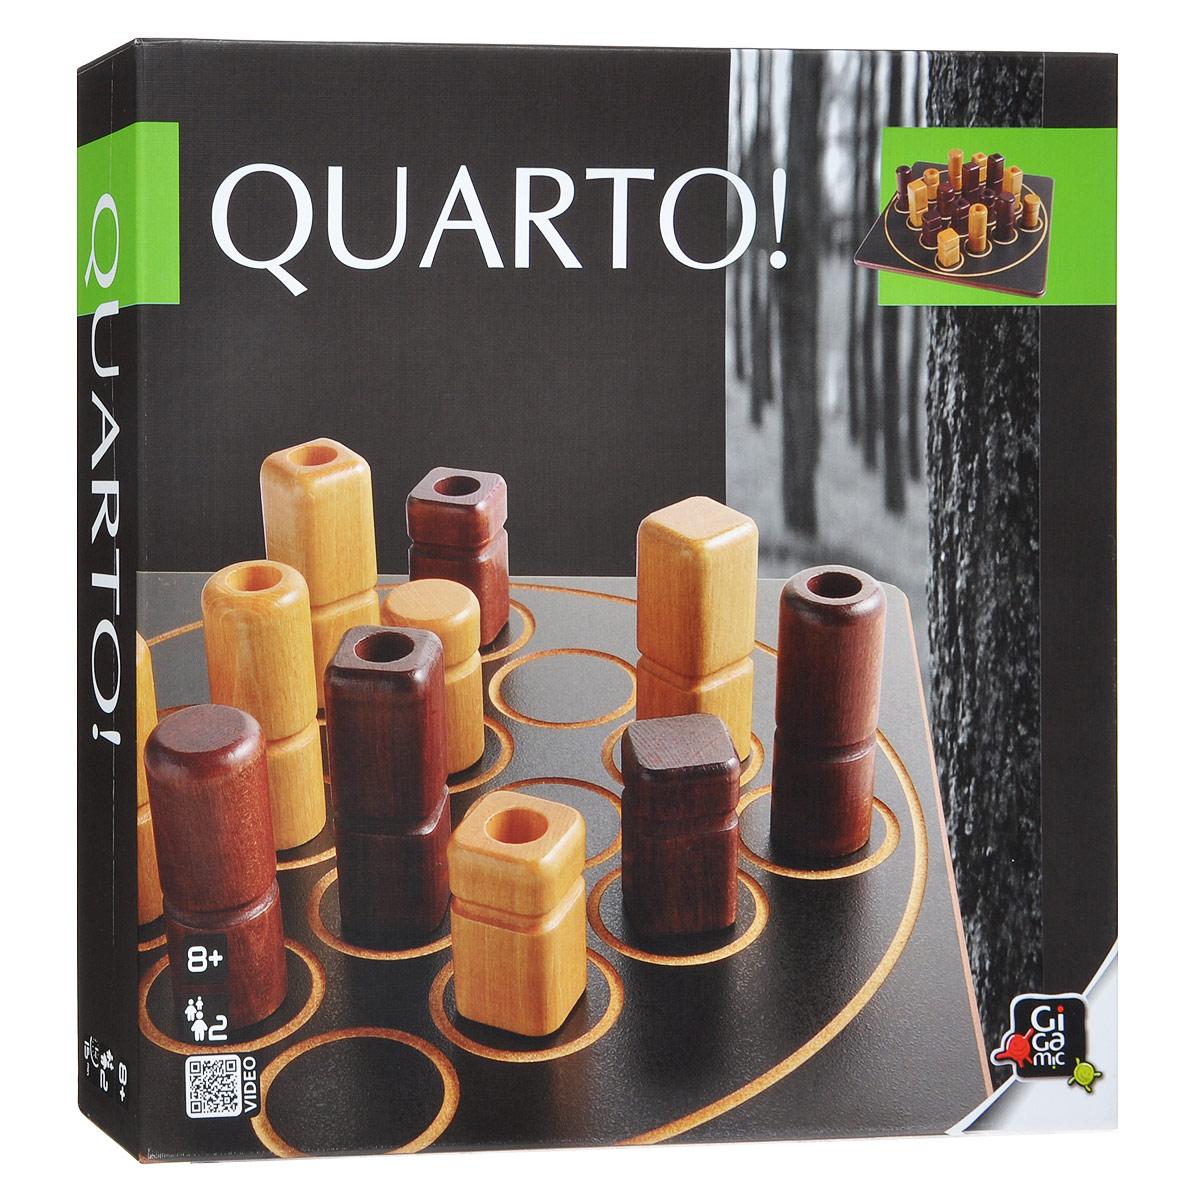 Настольная игра КвартоР61759Настольная игра Кварто (Quarto) - это прекрасный способ времяпрепровождения, такое развлечение придется по душе, как взрослым, так и детям. Суть игры заключается в следующем: в игре присутствует 16 фигур, отличающихся четырьмя признаками, ваша задача - собрать ряд из четырех фигур, хотя бы с одним общим признаком. Это может быть ряд из светлых фигур или из темных, из низких или высоких, из фигур с выемкой или фигур без нее, из круглых или квадратных. Казалось бы, все просто, но есть одна проблема - фигуру, которой вы будете делать ход, выбирает соперник. В комплект игры входят: игровое поле, 16 фигурок, мешочек для хранения и правила игры на русском языке. Количество: 2-4 игрока. Время игры: 15 минут.